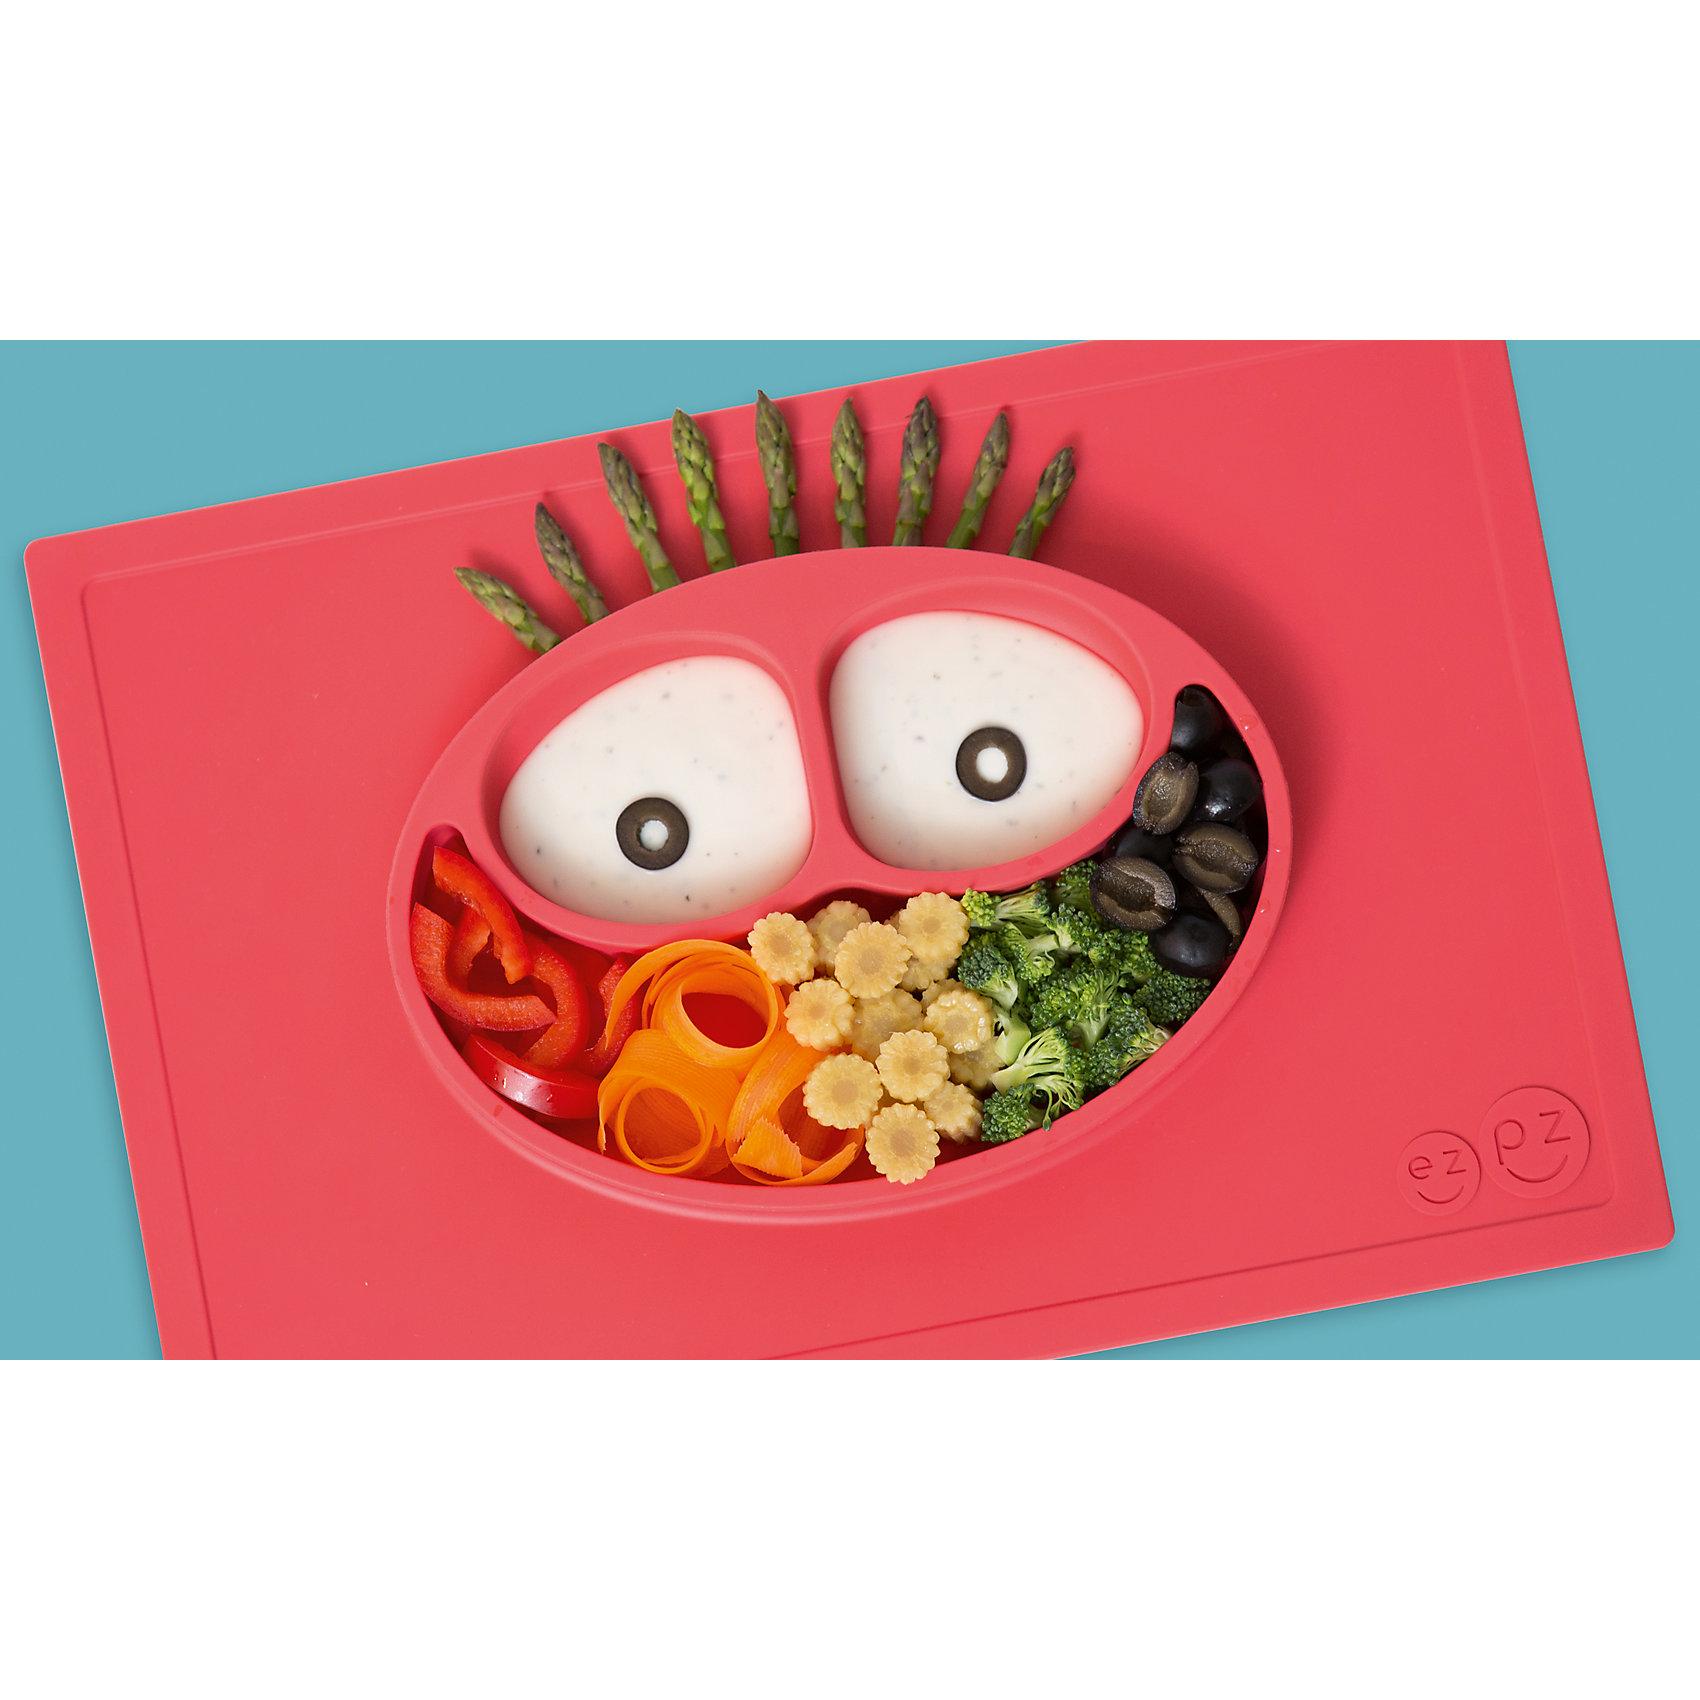 Тарелка трехсекционная с подставкой Happy Mat, 540 мл., ezpz, коралловыйПосуда для малышей<br>Тарелка с подставкой Happy Mat, ezpz, коралловый.<br><br>Характеристики:<br>• изготовлена из качественного пищевого силикона<br>• надежно крепится к столу<br>• сгибается по краям<br>• 3 отсека для еды<br>• подходит для посудомоечной машины и микроволновой печи<br>• не содержит бисфенол, свинец, фталаты, поливинилхлорид<br>• приятный дизайн<br>• состав: 100% силикон<br>• размер: 38х25,5х3 см<br>• объем: 540 мл<br>• цвет: коралловый<br><br>Тарелка с подставкой Happy Mat, ezpz пригодится, если в доме живут маленькие непоседы. Тарелка имеет 3 глубоких отсека, что позволяет подавать еду раздельно. Вы сможете одновременно подать к столу мясо, гарнир и фрукты, не пачкая лишнюю посуду. Дно тарелки надежно крепится к плоской поверхности - вы можете не переживать, что малыш опрокинет еду и обожжется. Приятный дизайн тарелки понравится ребенку, и он обязательно будет есть с аппетитом!<br><br>Тарелку с подставкой Happy Mat, ezpz, коралловый можно купить в нашем интернет-магазине.<br><br>Ширина мм: 380<br>Глубина мм: 25<br>Высота мм: 255<br>Вес г: 701<br>Возраст от месяцев: 0<br>Возраст до месяцев: 36<br>Пол: Унисекс<br>Возраст: Детский<br>SKU: 5068702